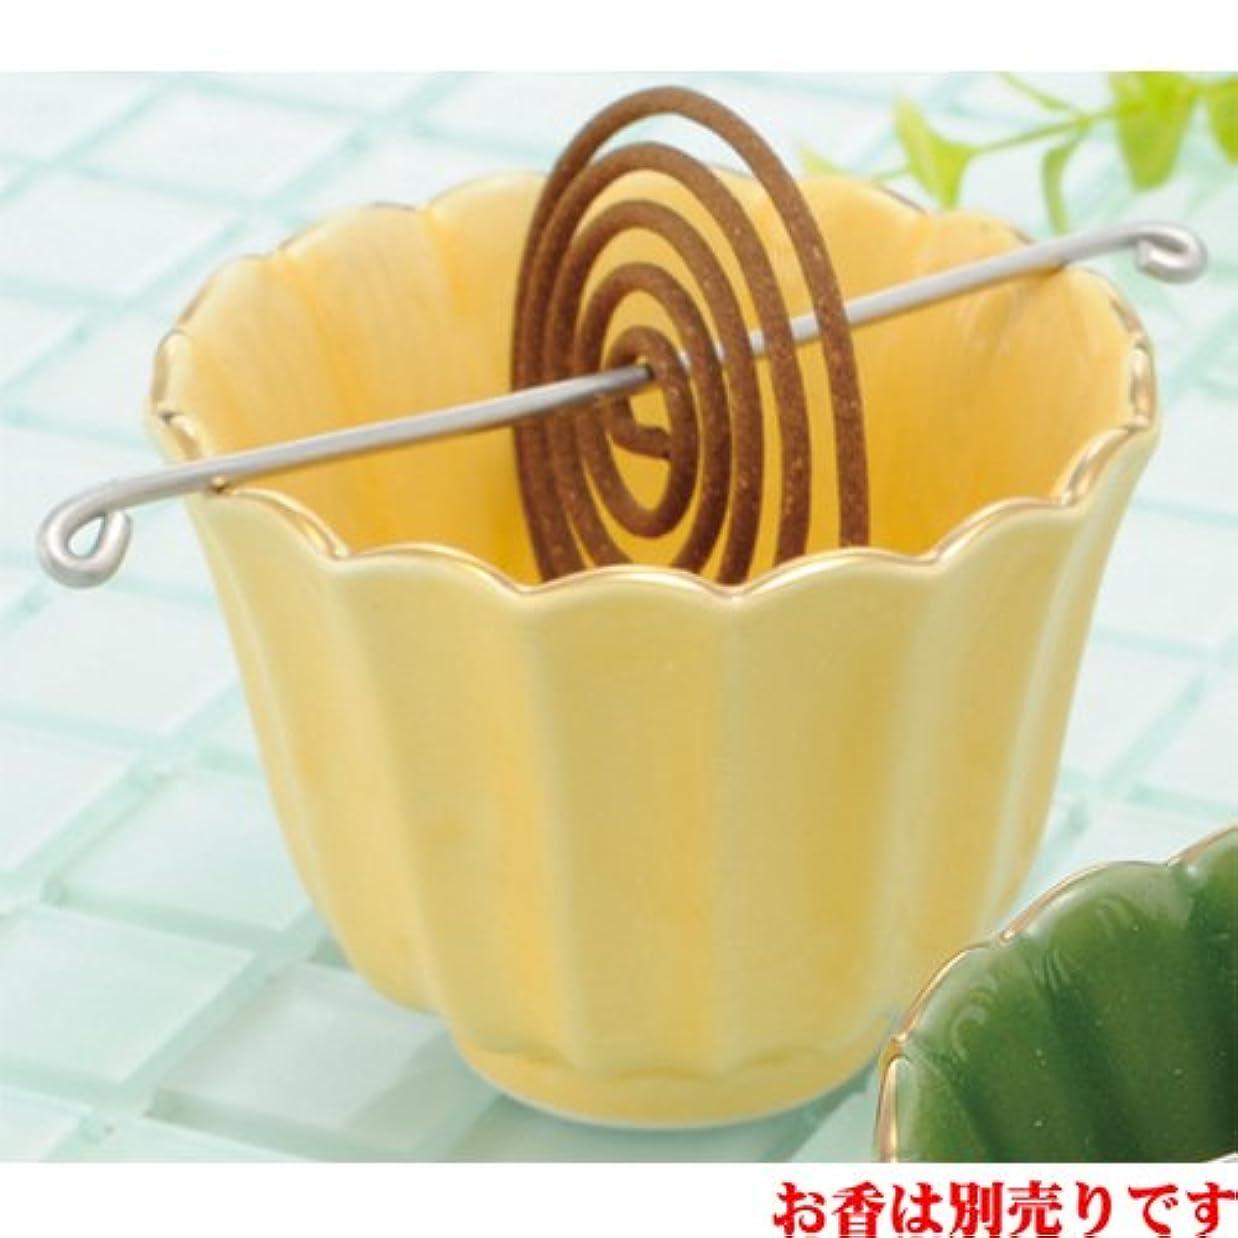 農村異形セットアップ香皿 菊型 香鉢(黄) [R8xH6.3cm] プレゼント ギフト 和食器 かわいい インテリア